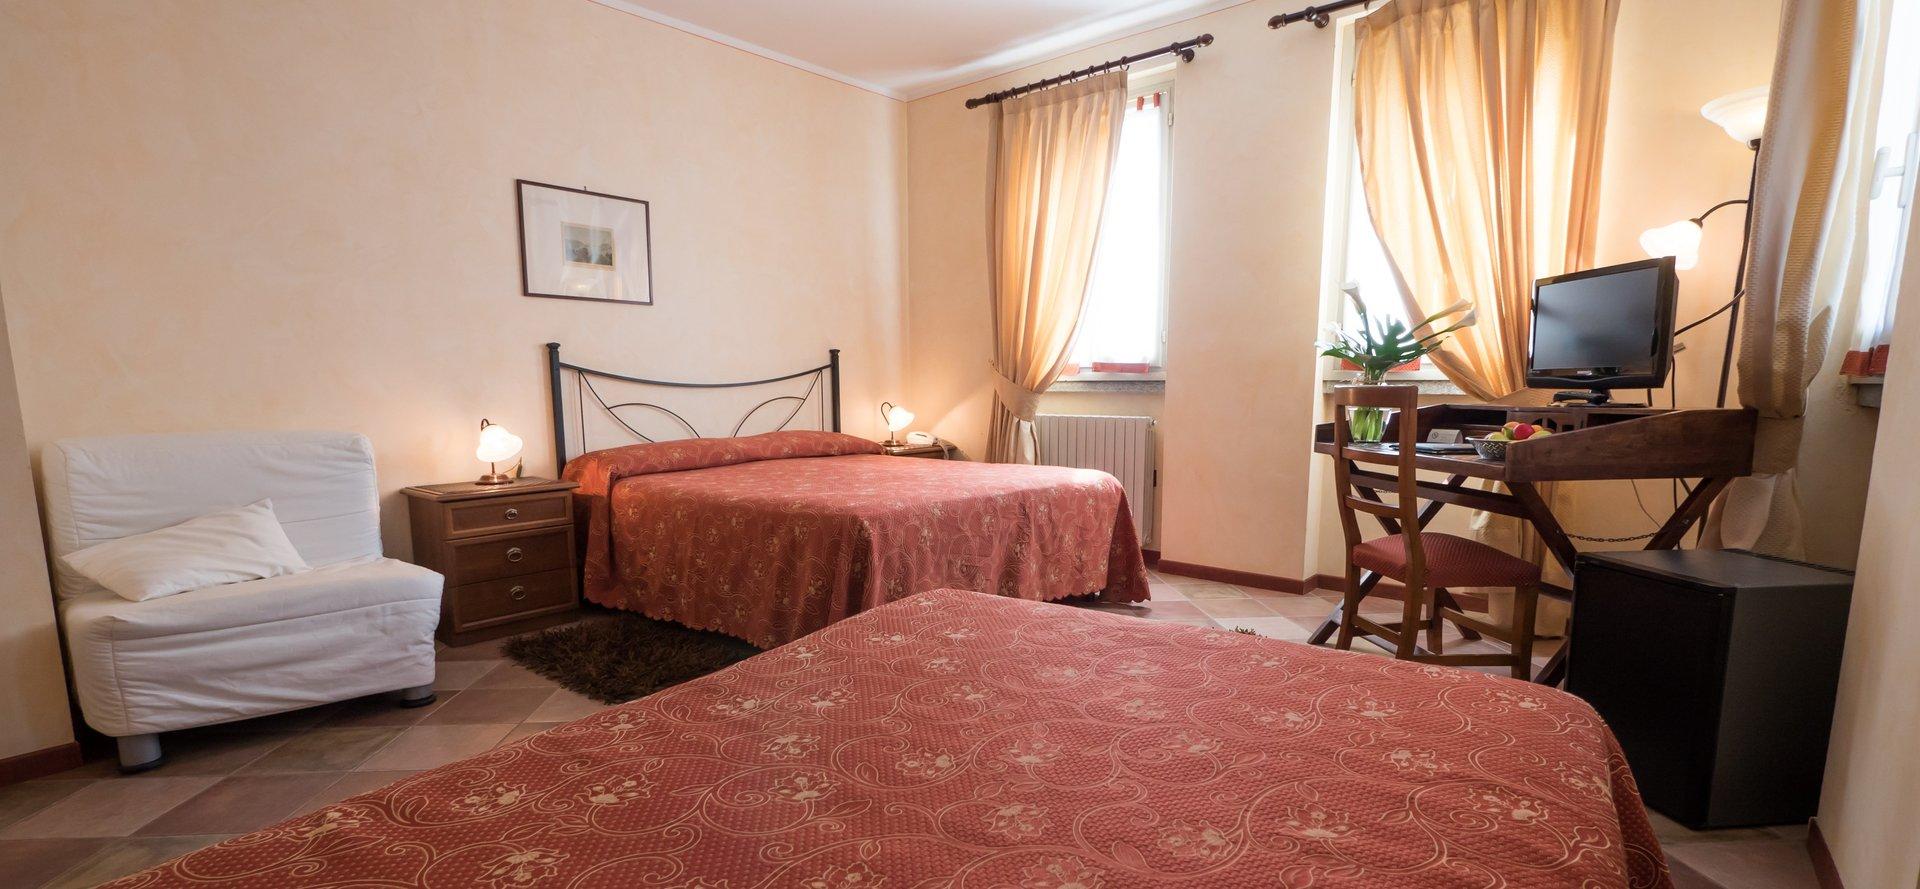 stanza di albergo con due letti